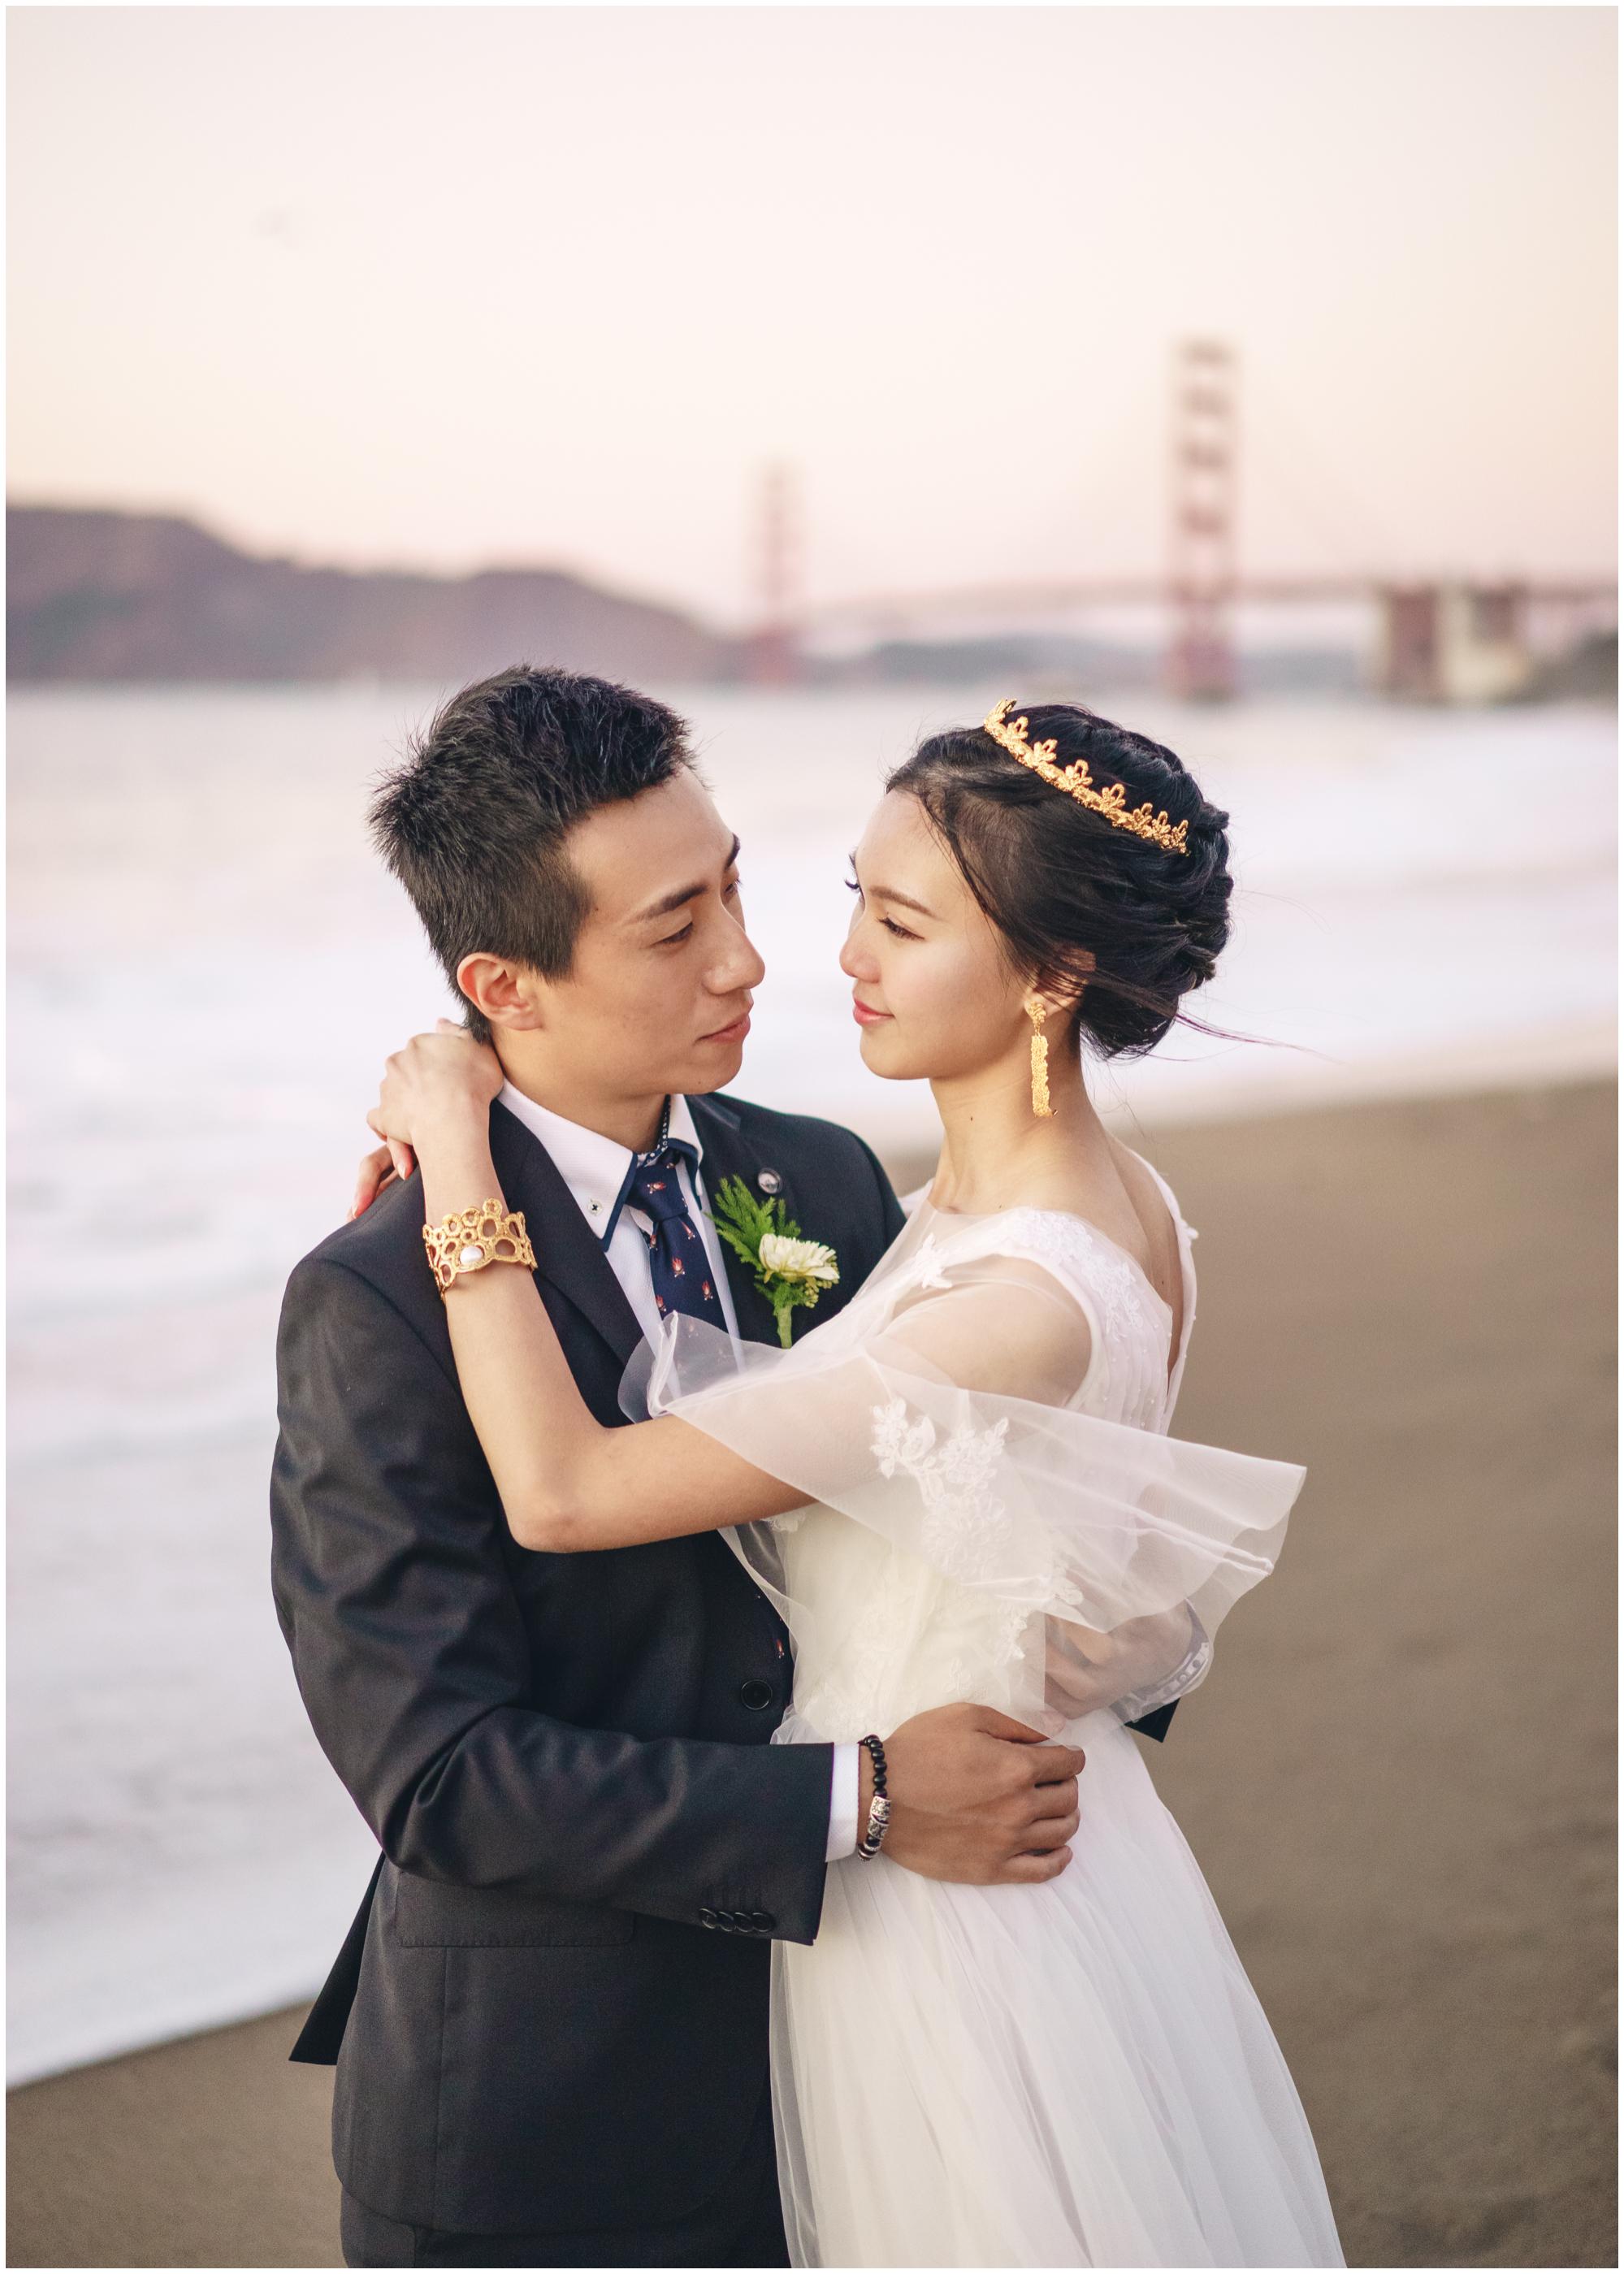 San Francisco Wedding Photographer - Pinnel Photography I&V V-10.jpg